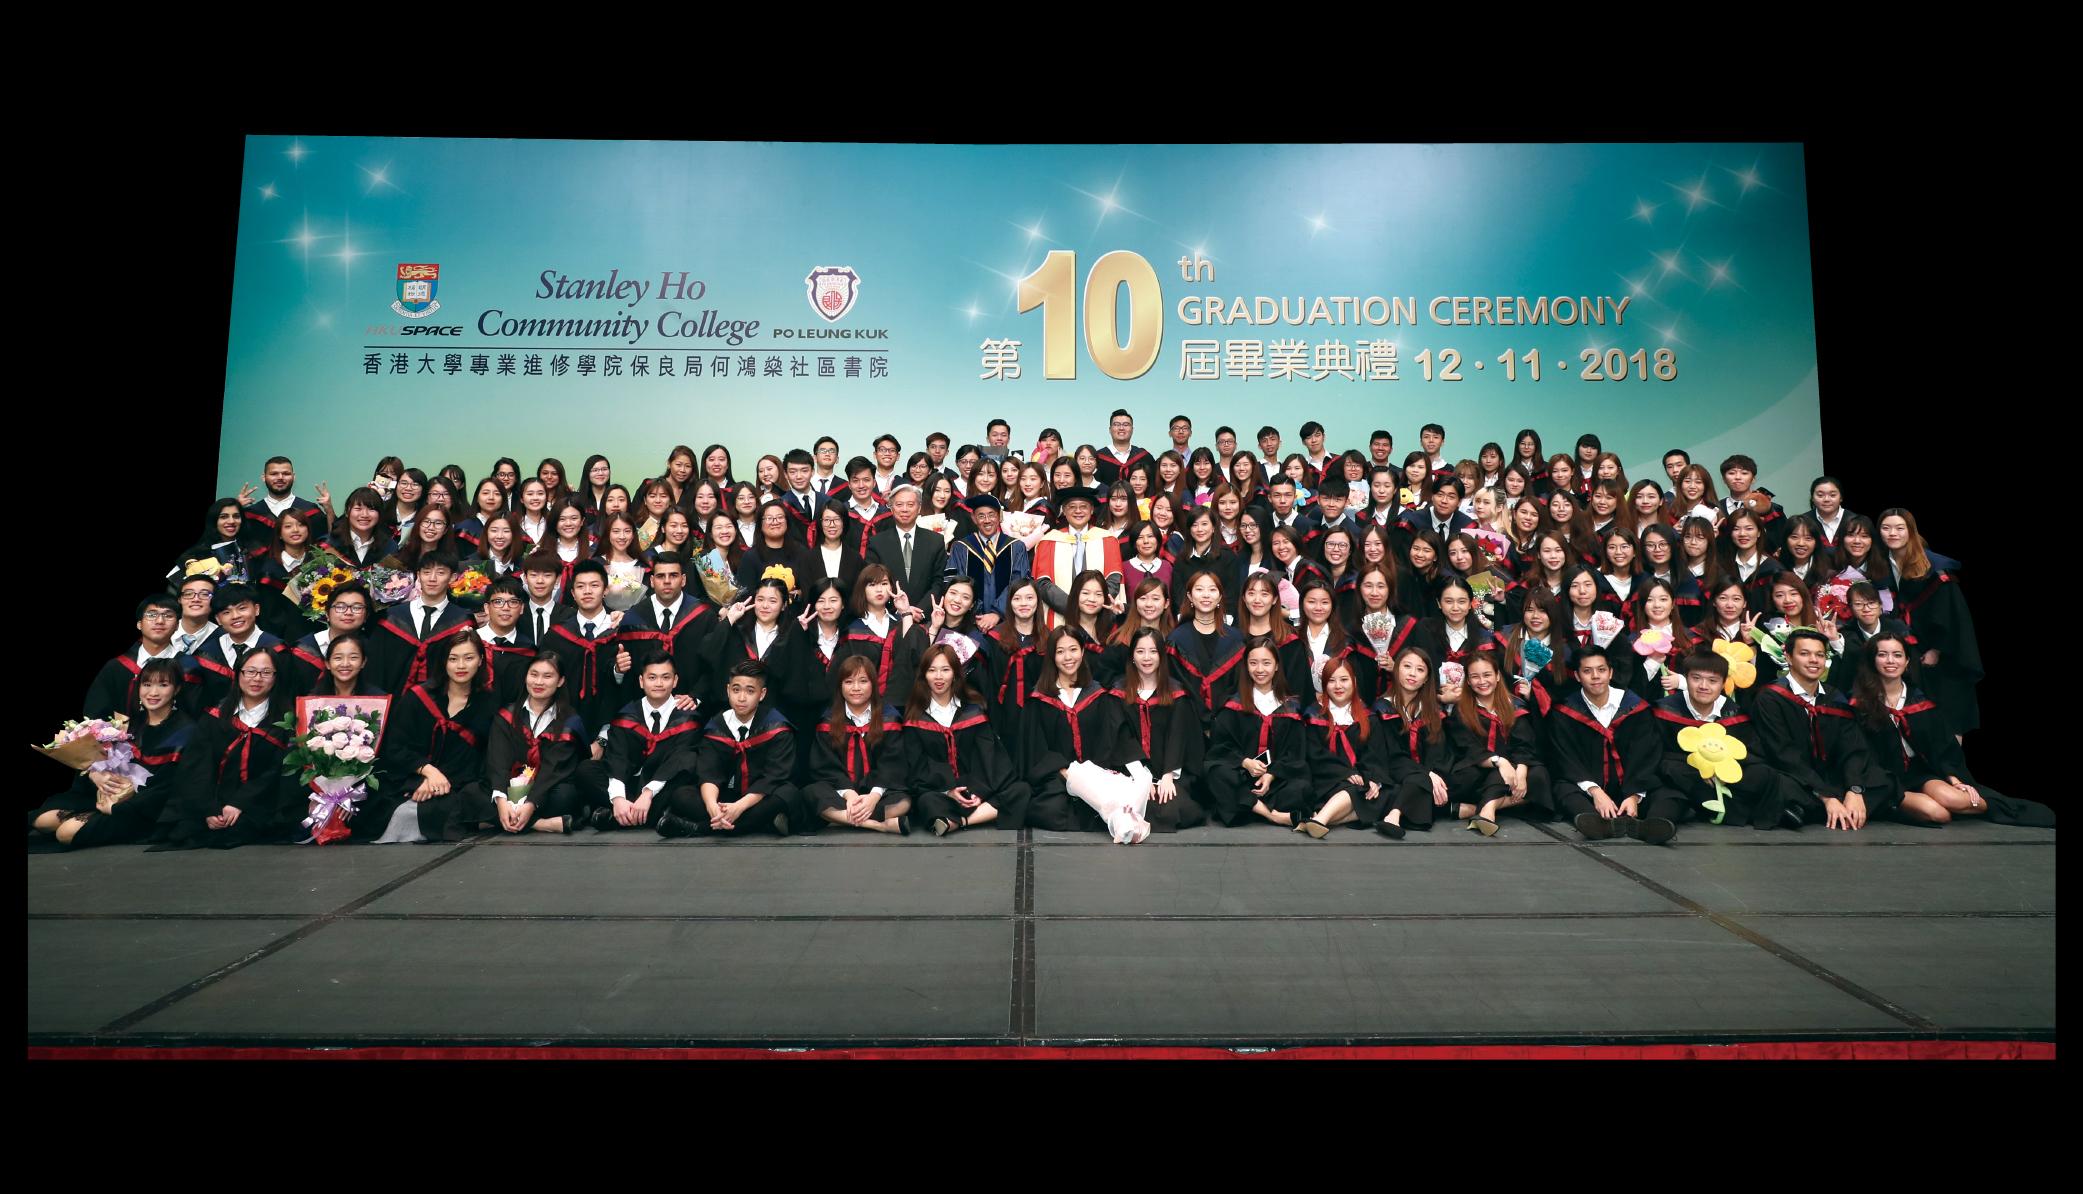 香港大學專業進修學院保良局何鴻燊社區書院 多元學科範疇 增強競爭力